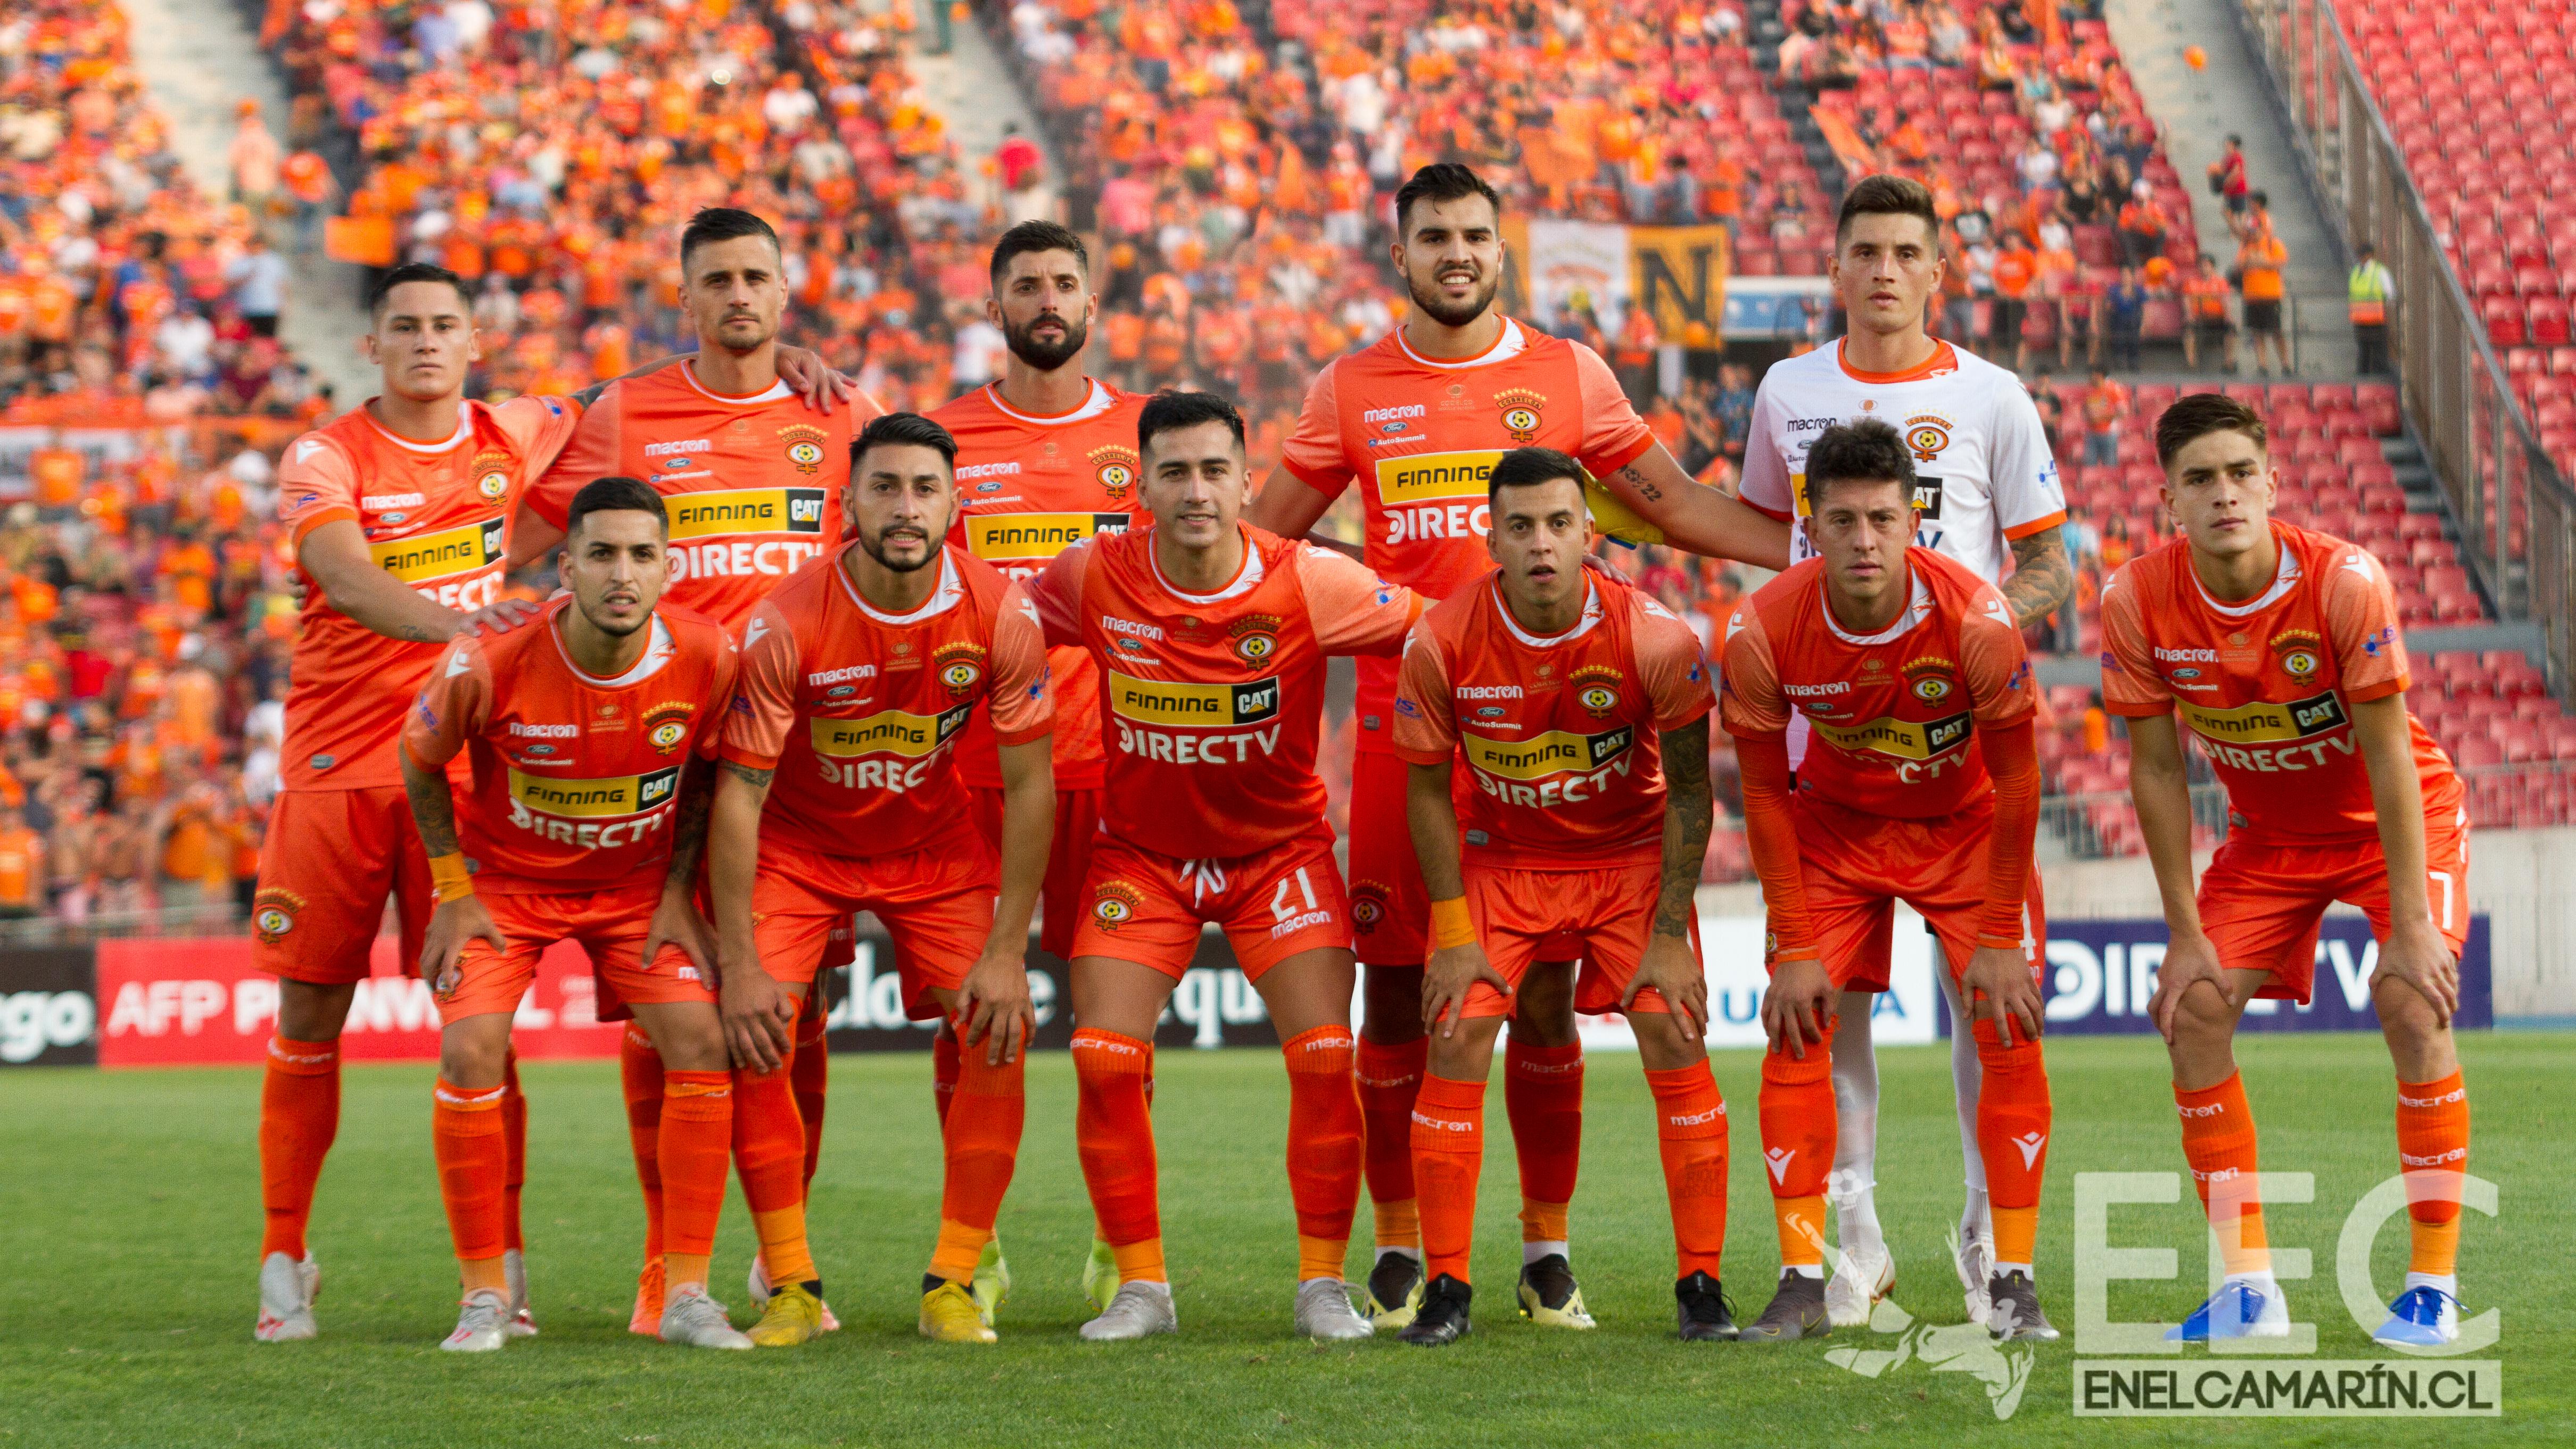 Cobreloa 0 - Deportes Temuco 2